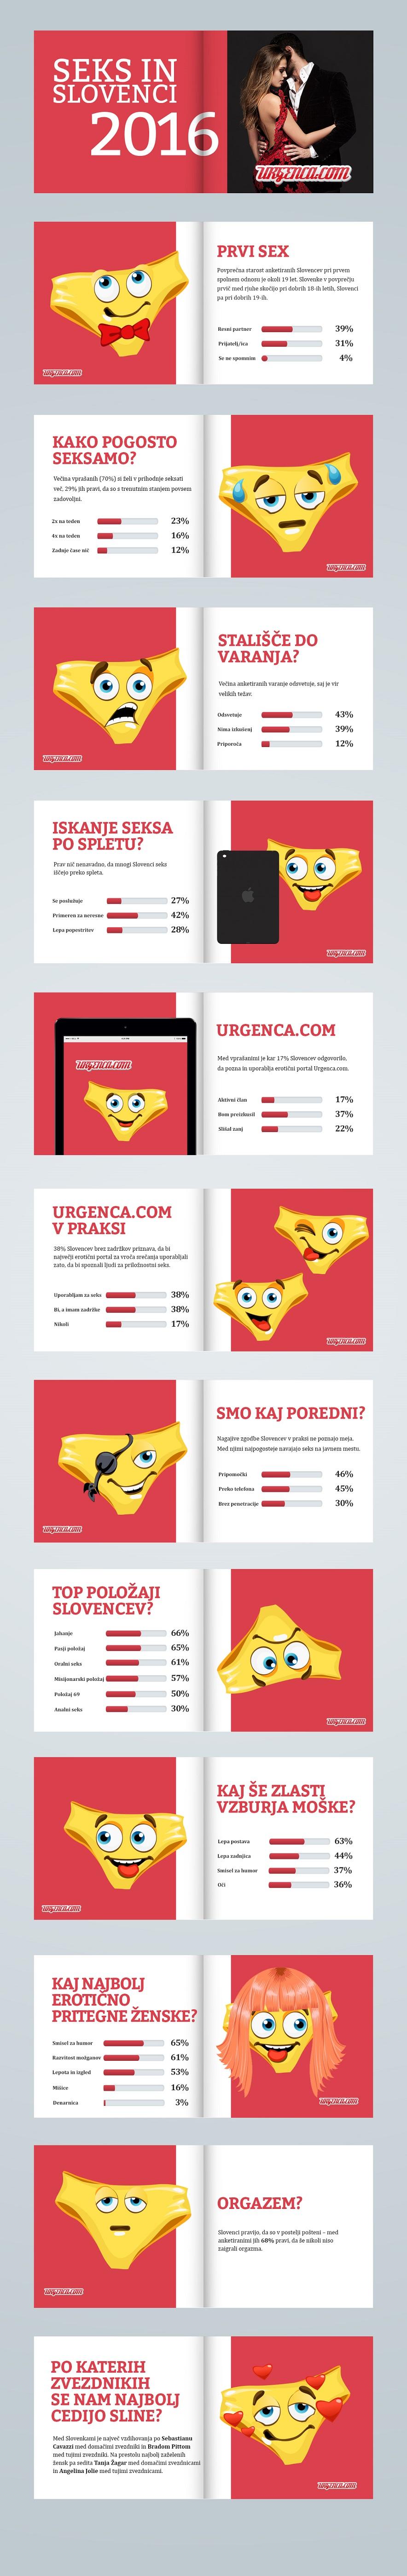 Seks-in-Slovenci-2016-Urgenca-Infografika-avanture-erotika-zmenki